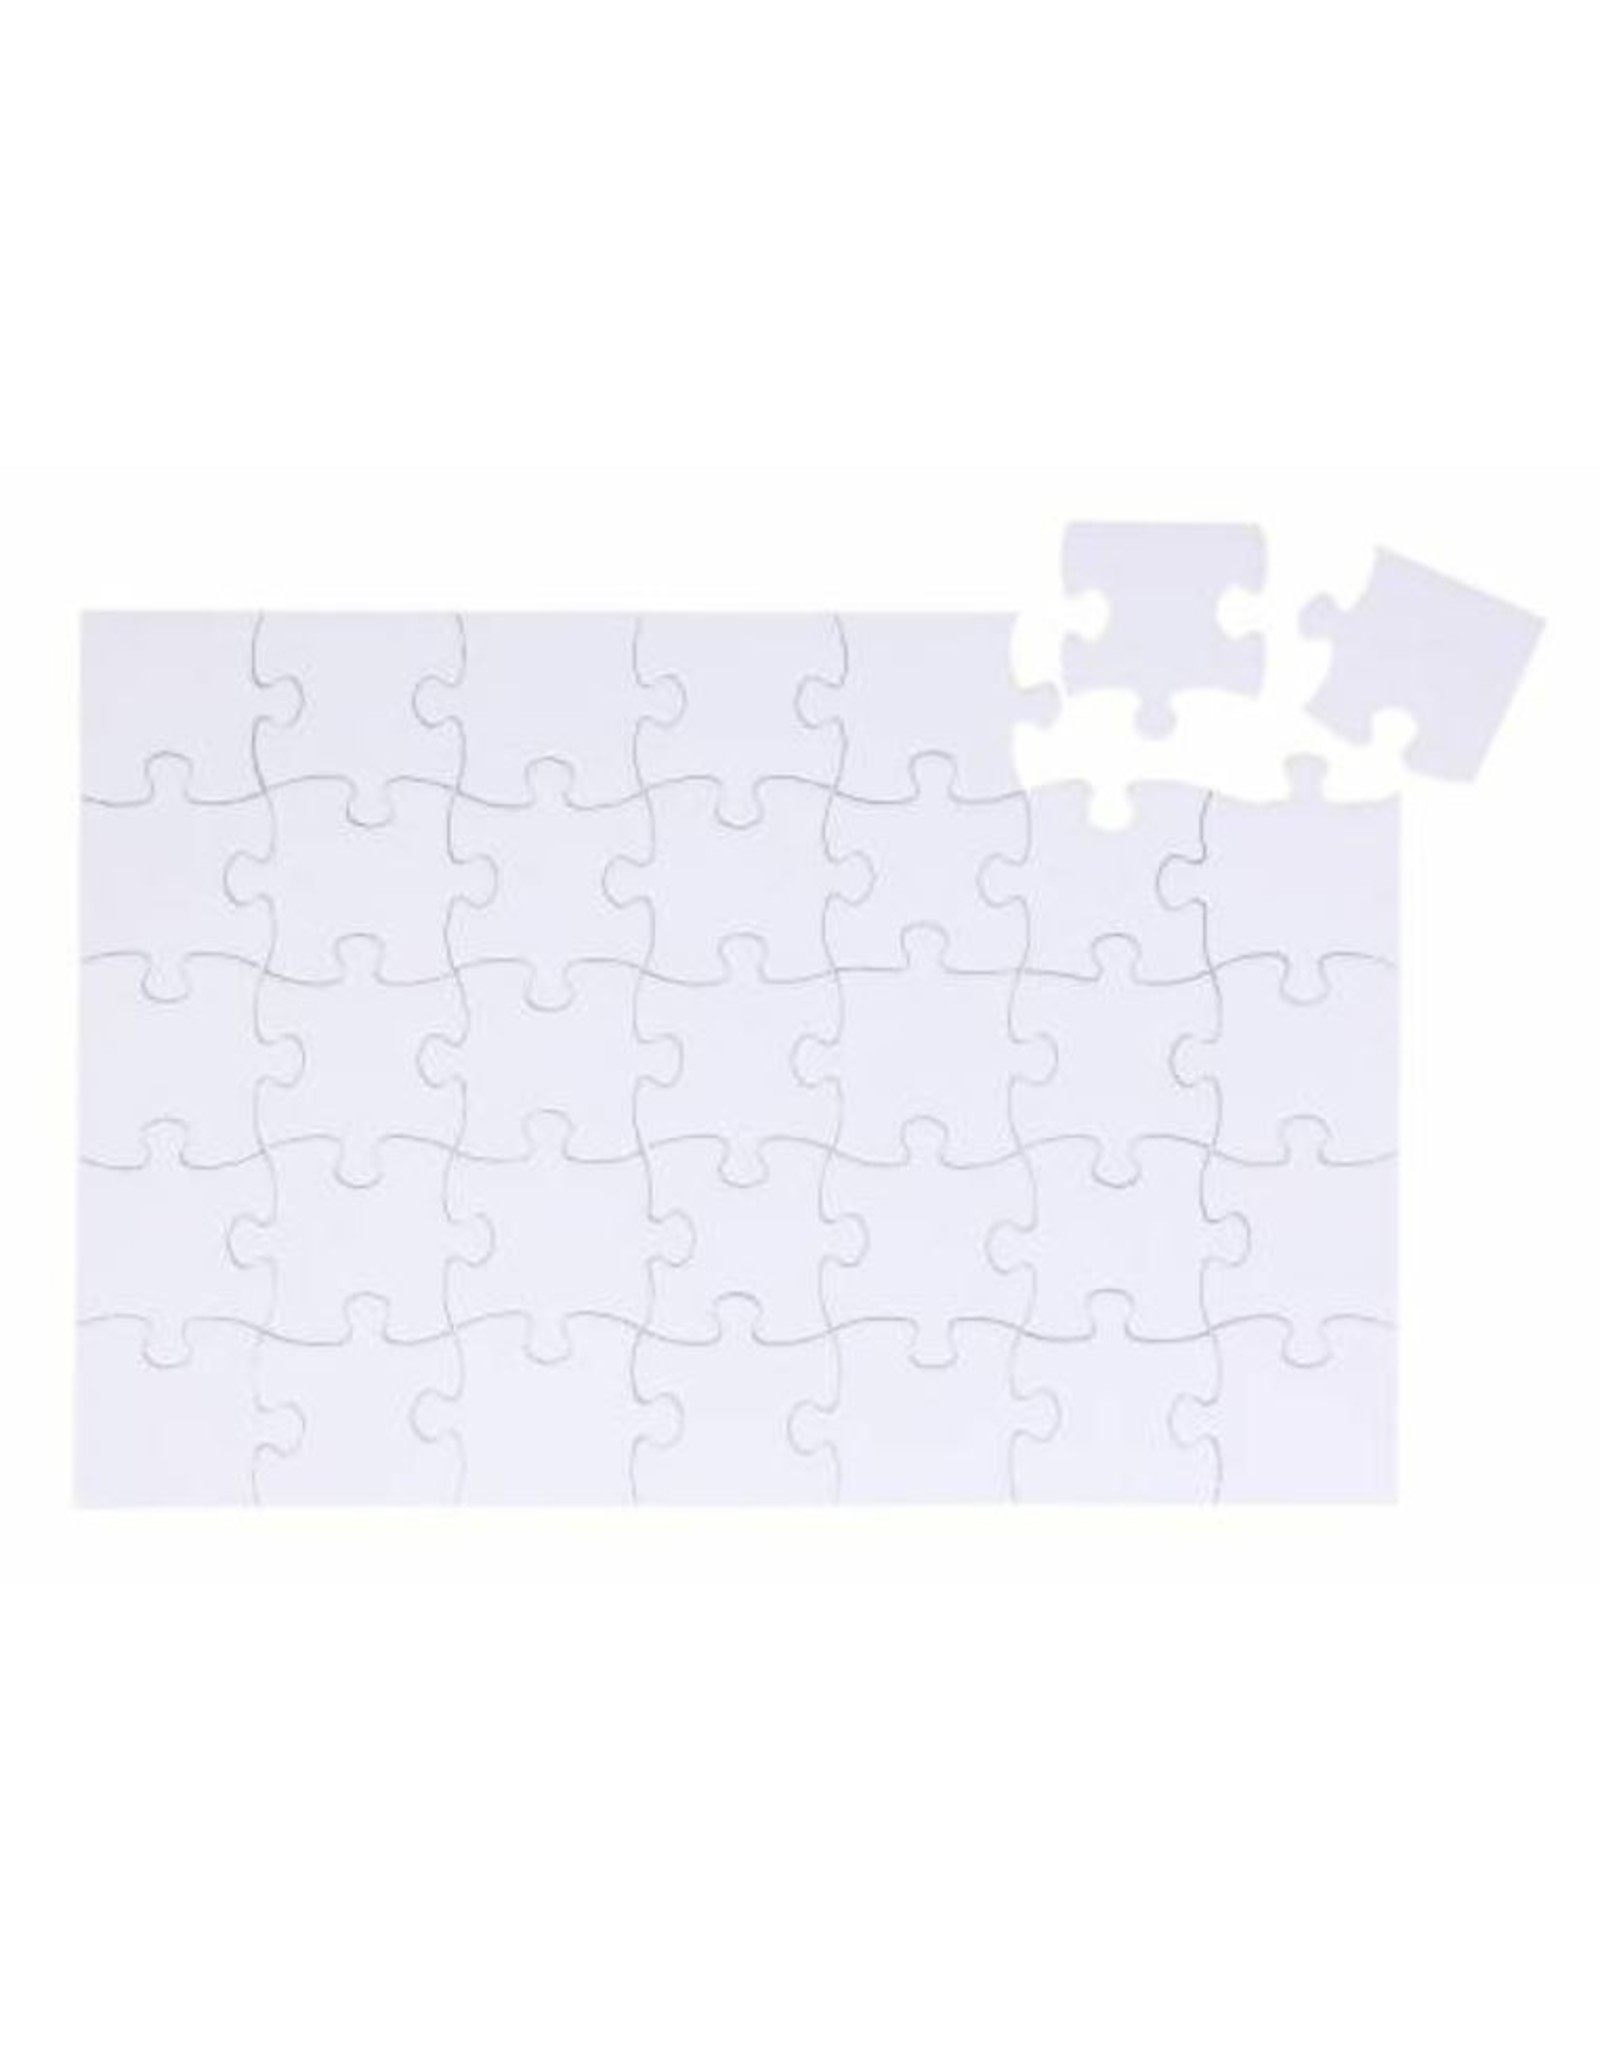 Sublimatie Puzzel A4 35 stk